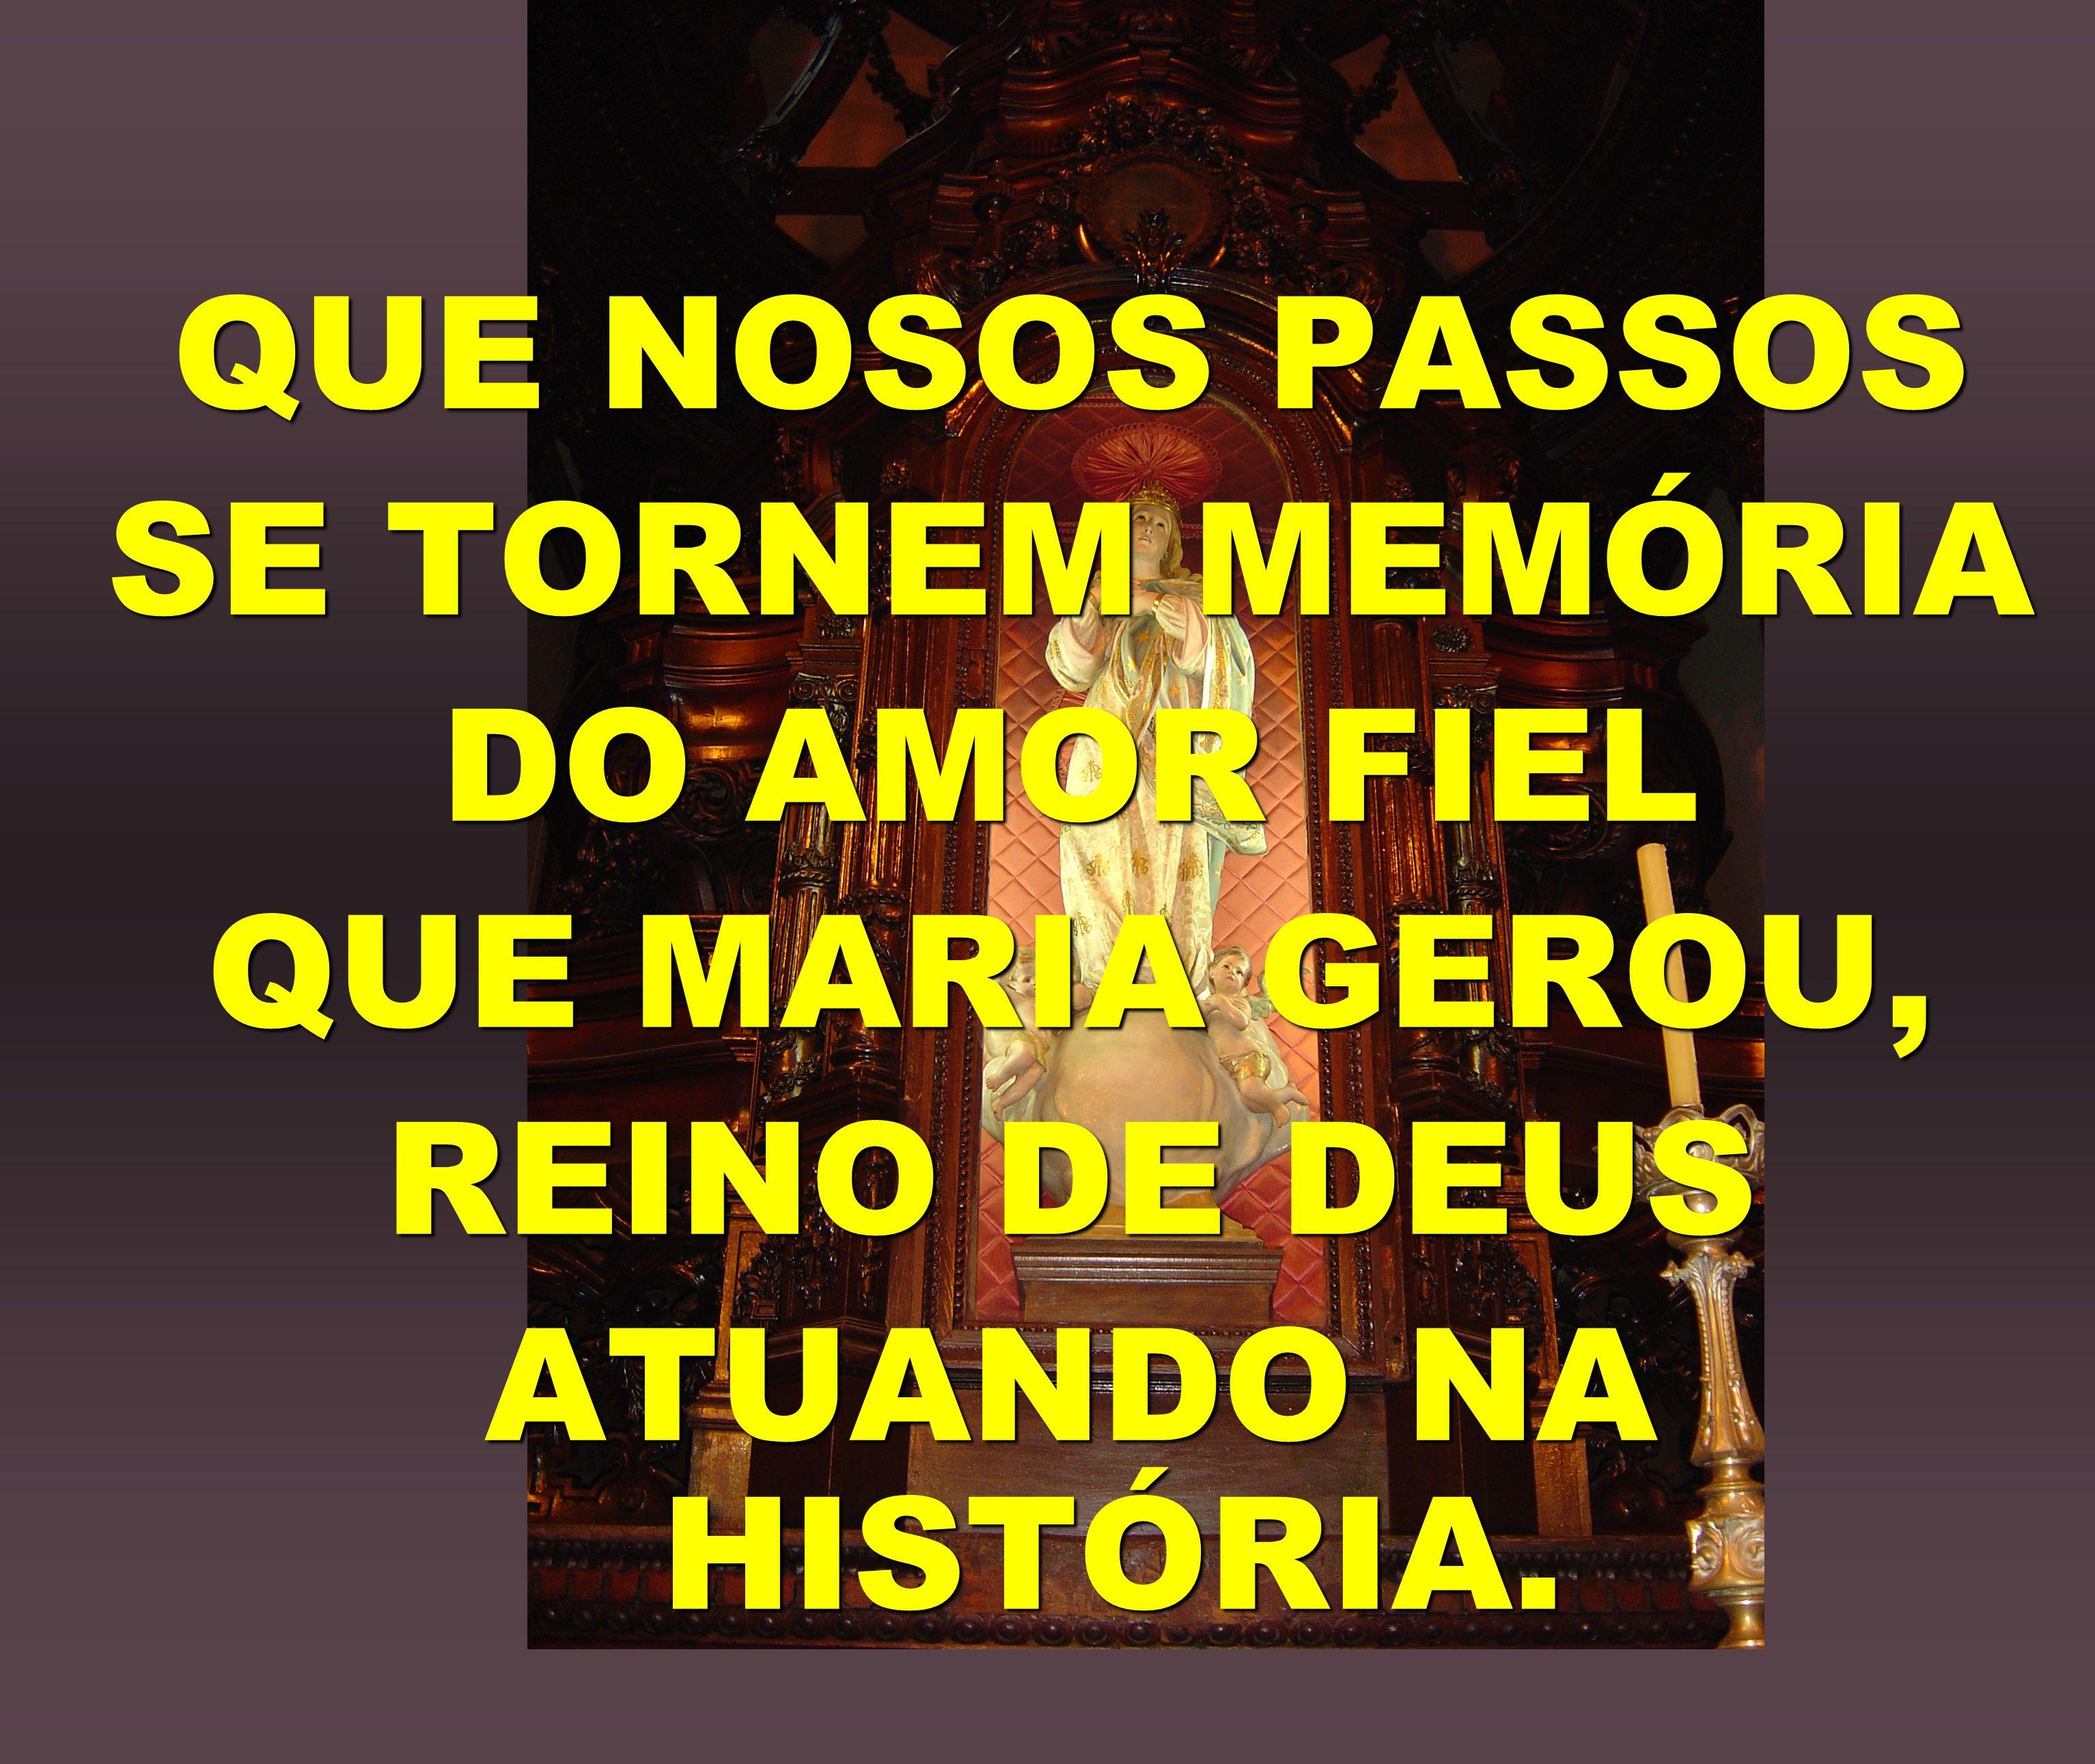 QUE NOSOS PASSOS SE TORNEM MEMÓRIA DO AMOR FIEL QUE MARIA GEROU, REINO DE DEUS ATUANDO NA HISTÓRIA.